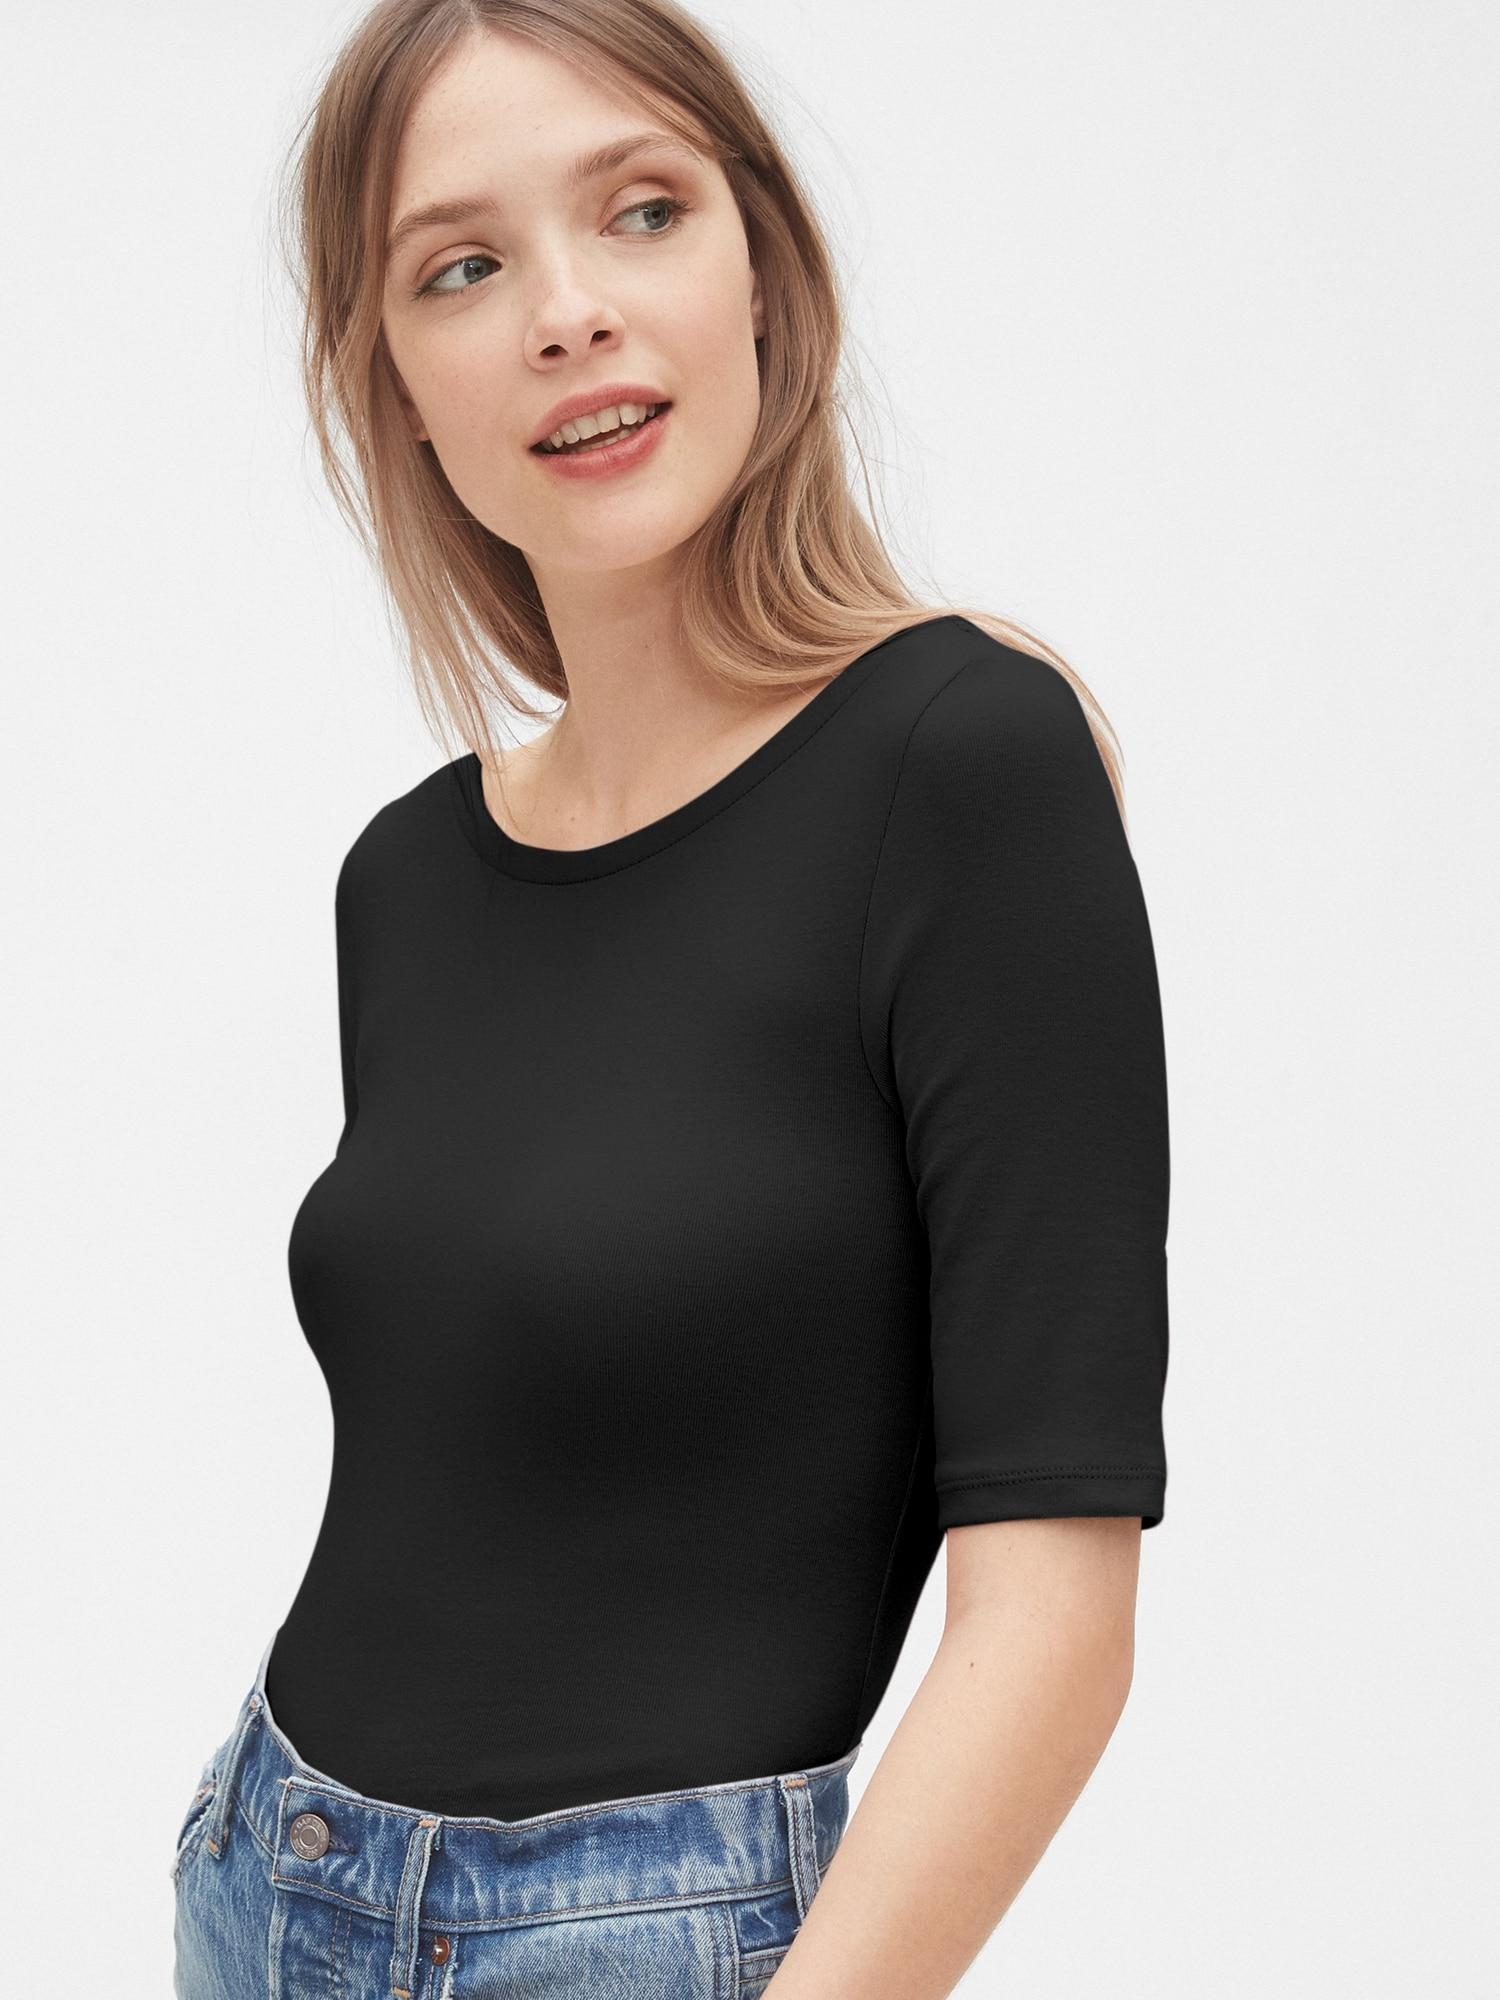 モダン バレエバックtシャツ